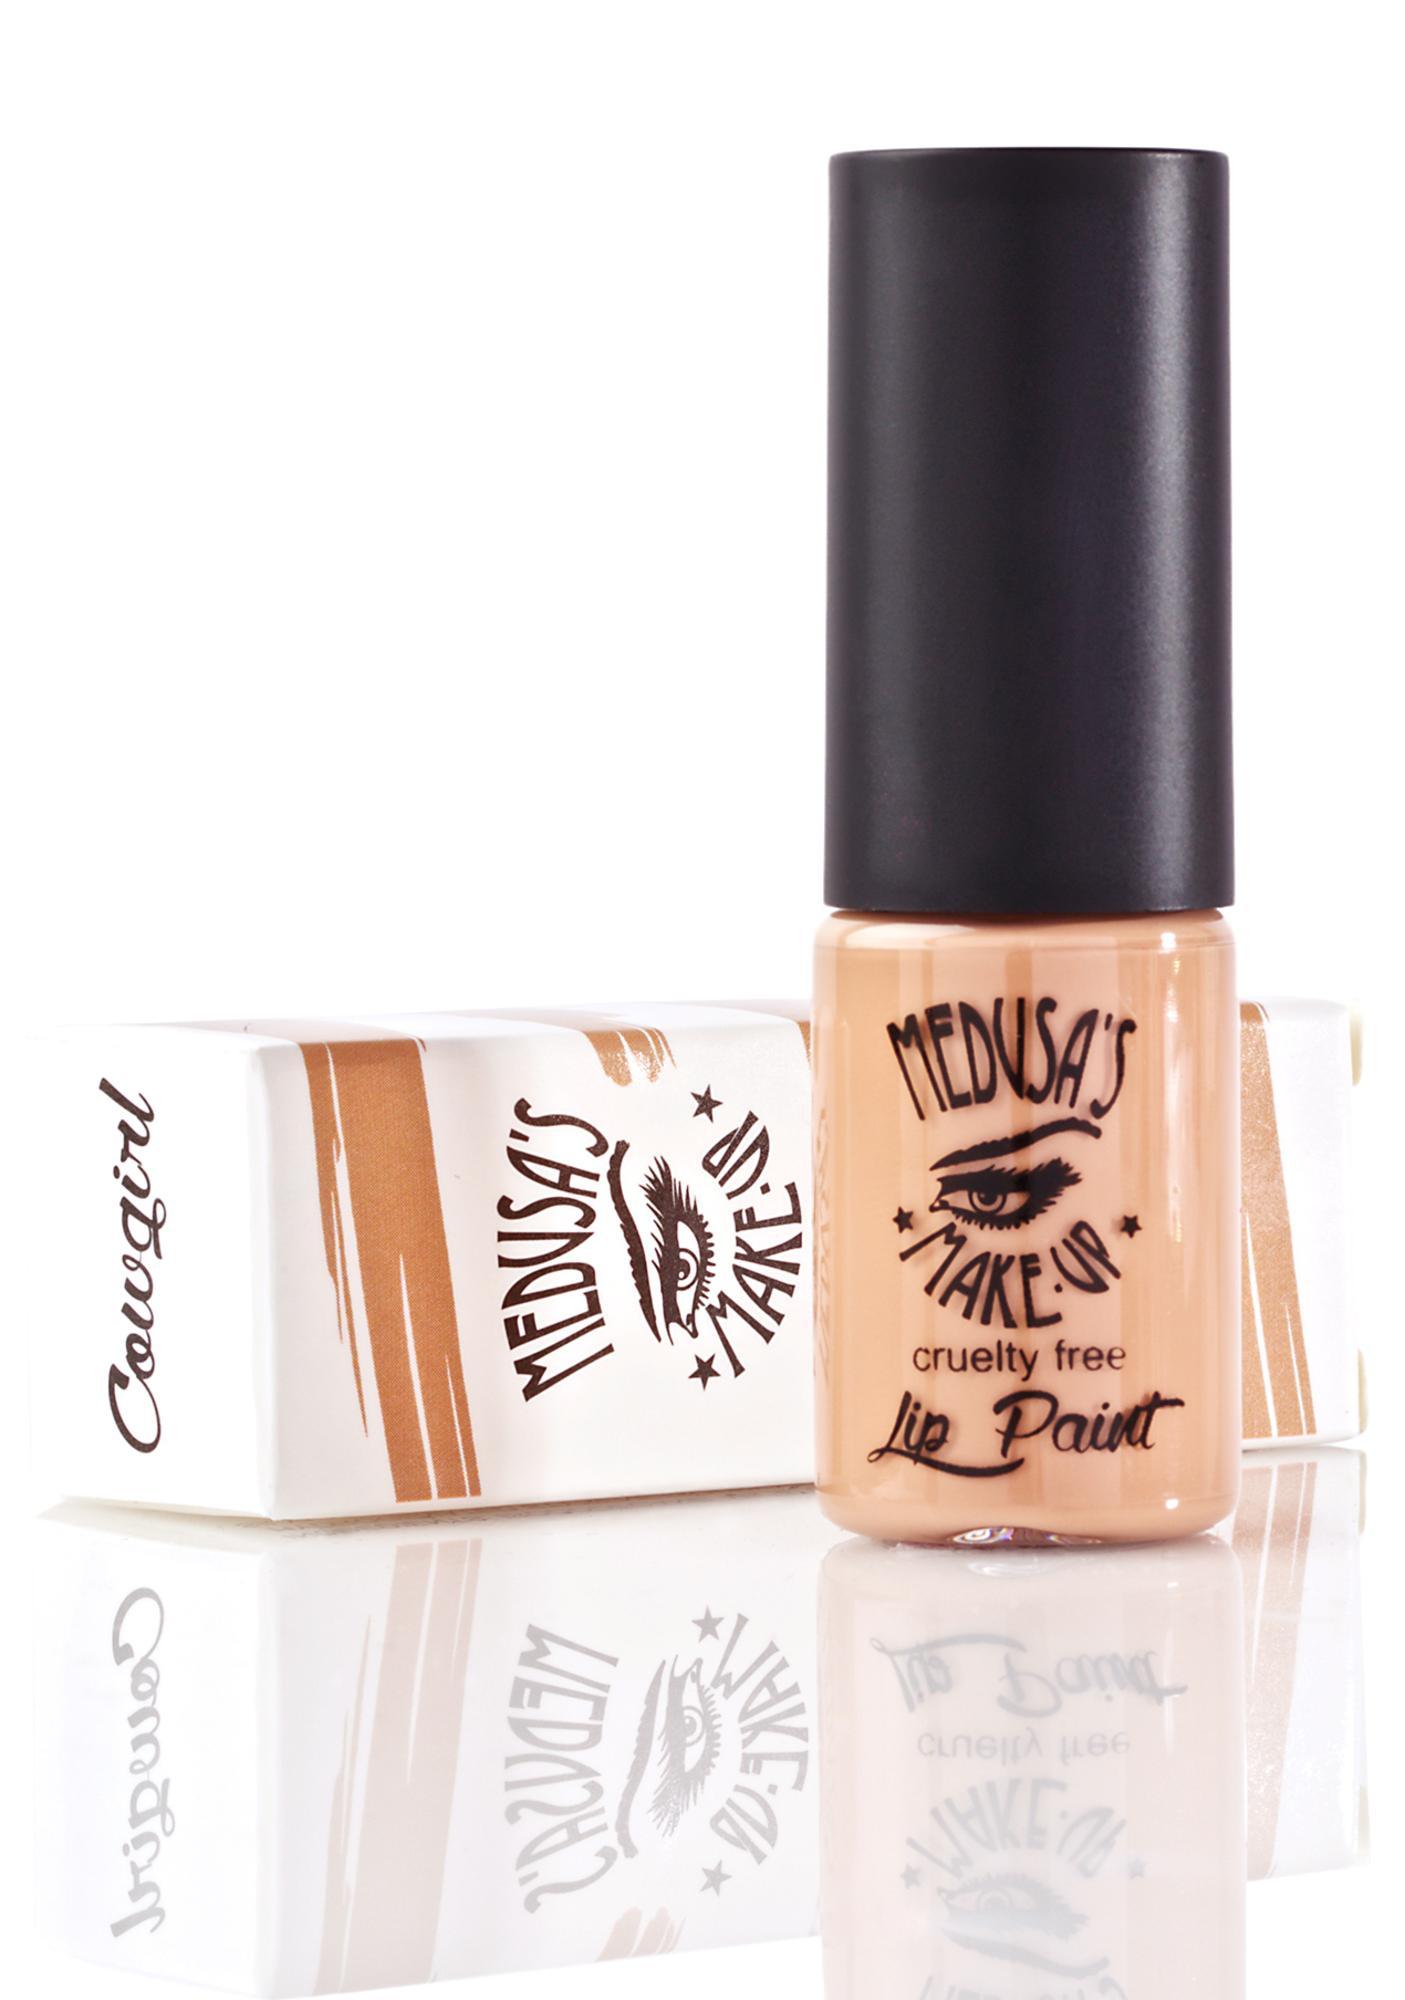 Medusa's Makeup Cowgirl Lip Paint